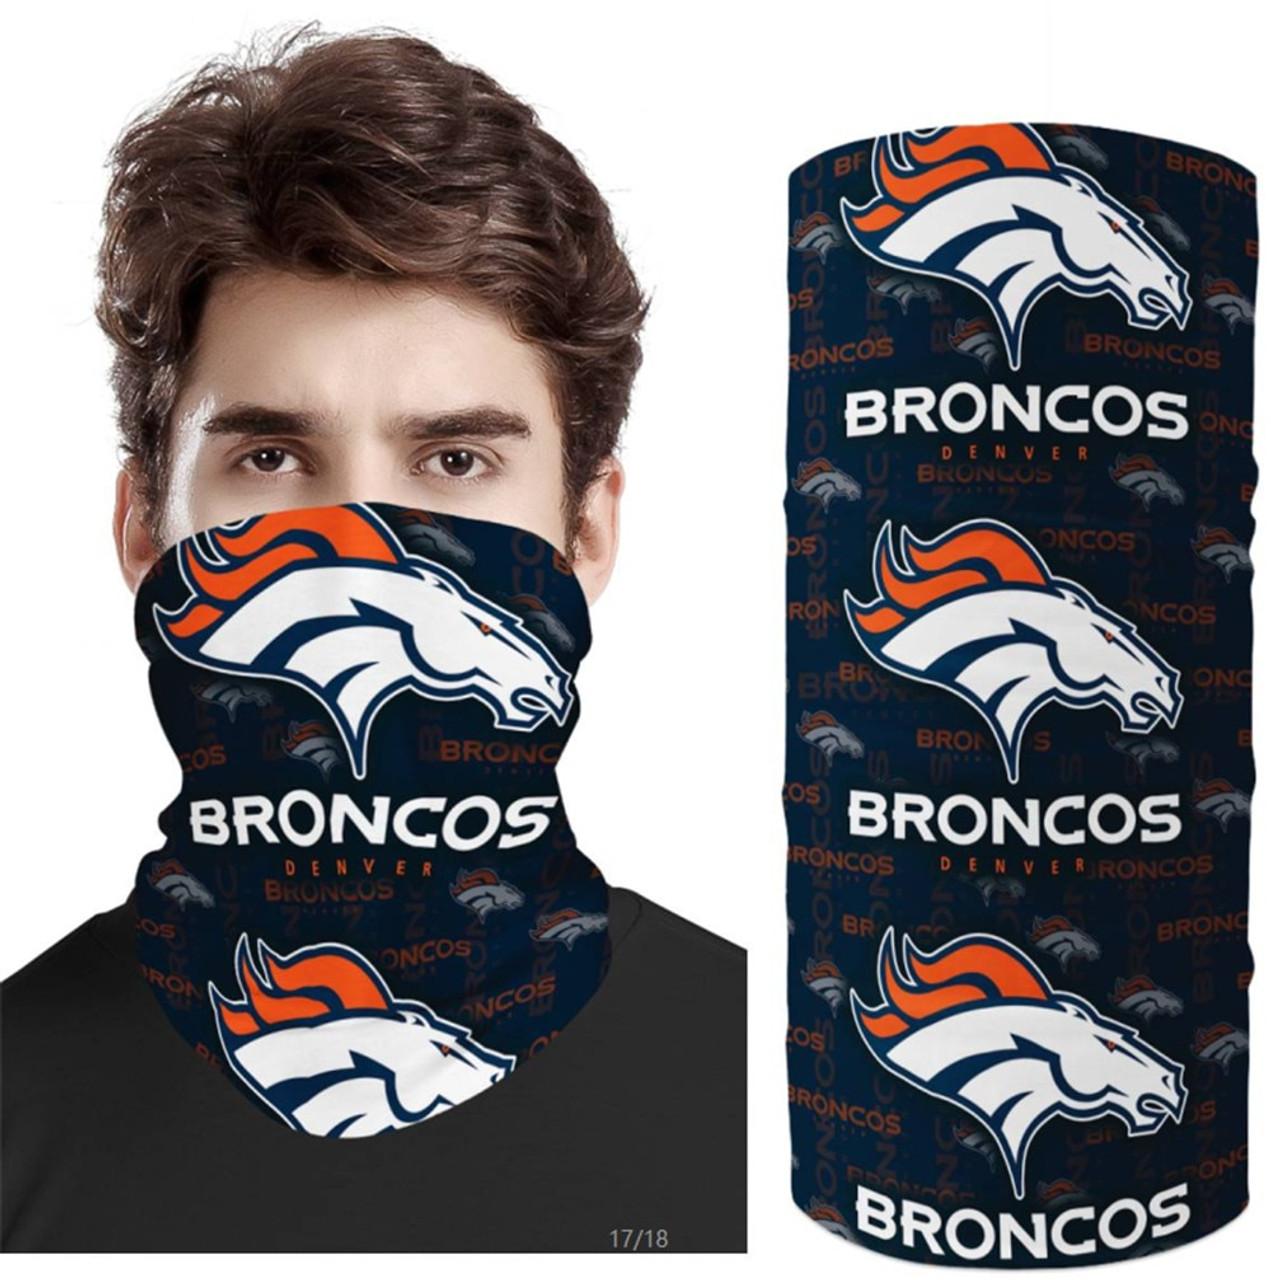 OFFICIAL-N.F.L.DENVER-BRONCOS-TEAM-FACE-MASK & GAITER-NECK-SCARFS/MULTI-USE-NFL.TEAM-SPORT-FACE-MASK!